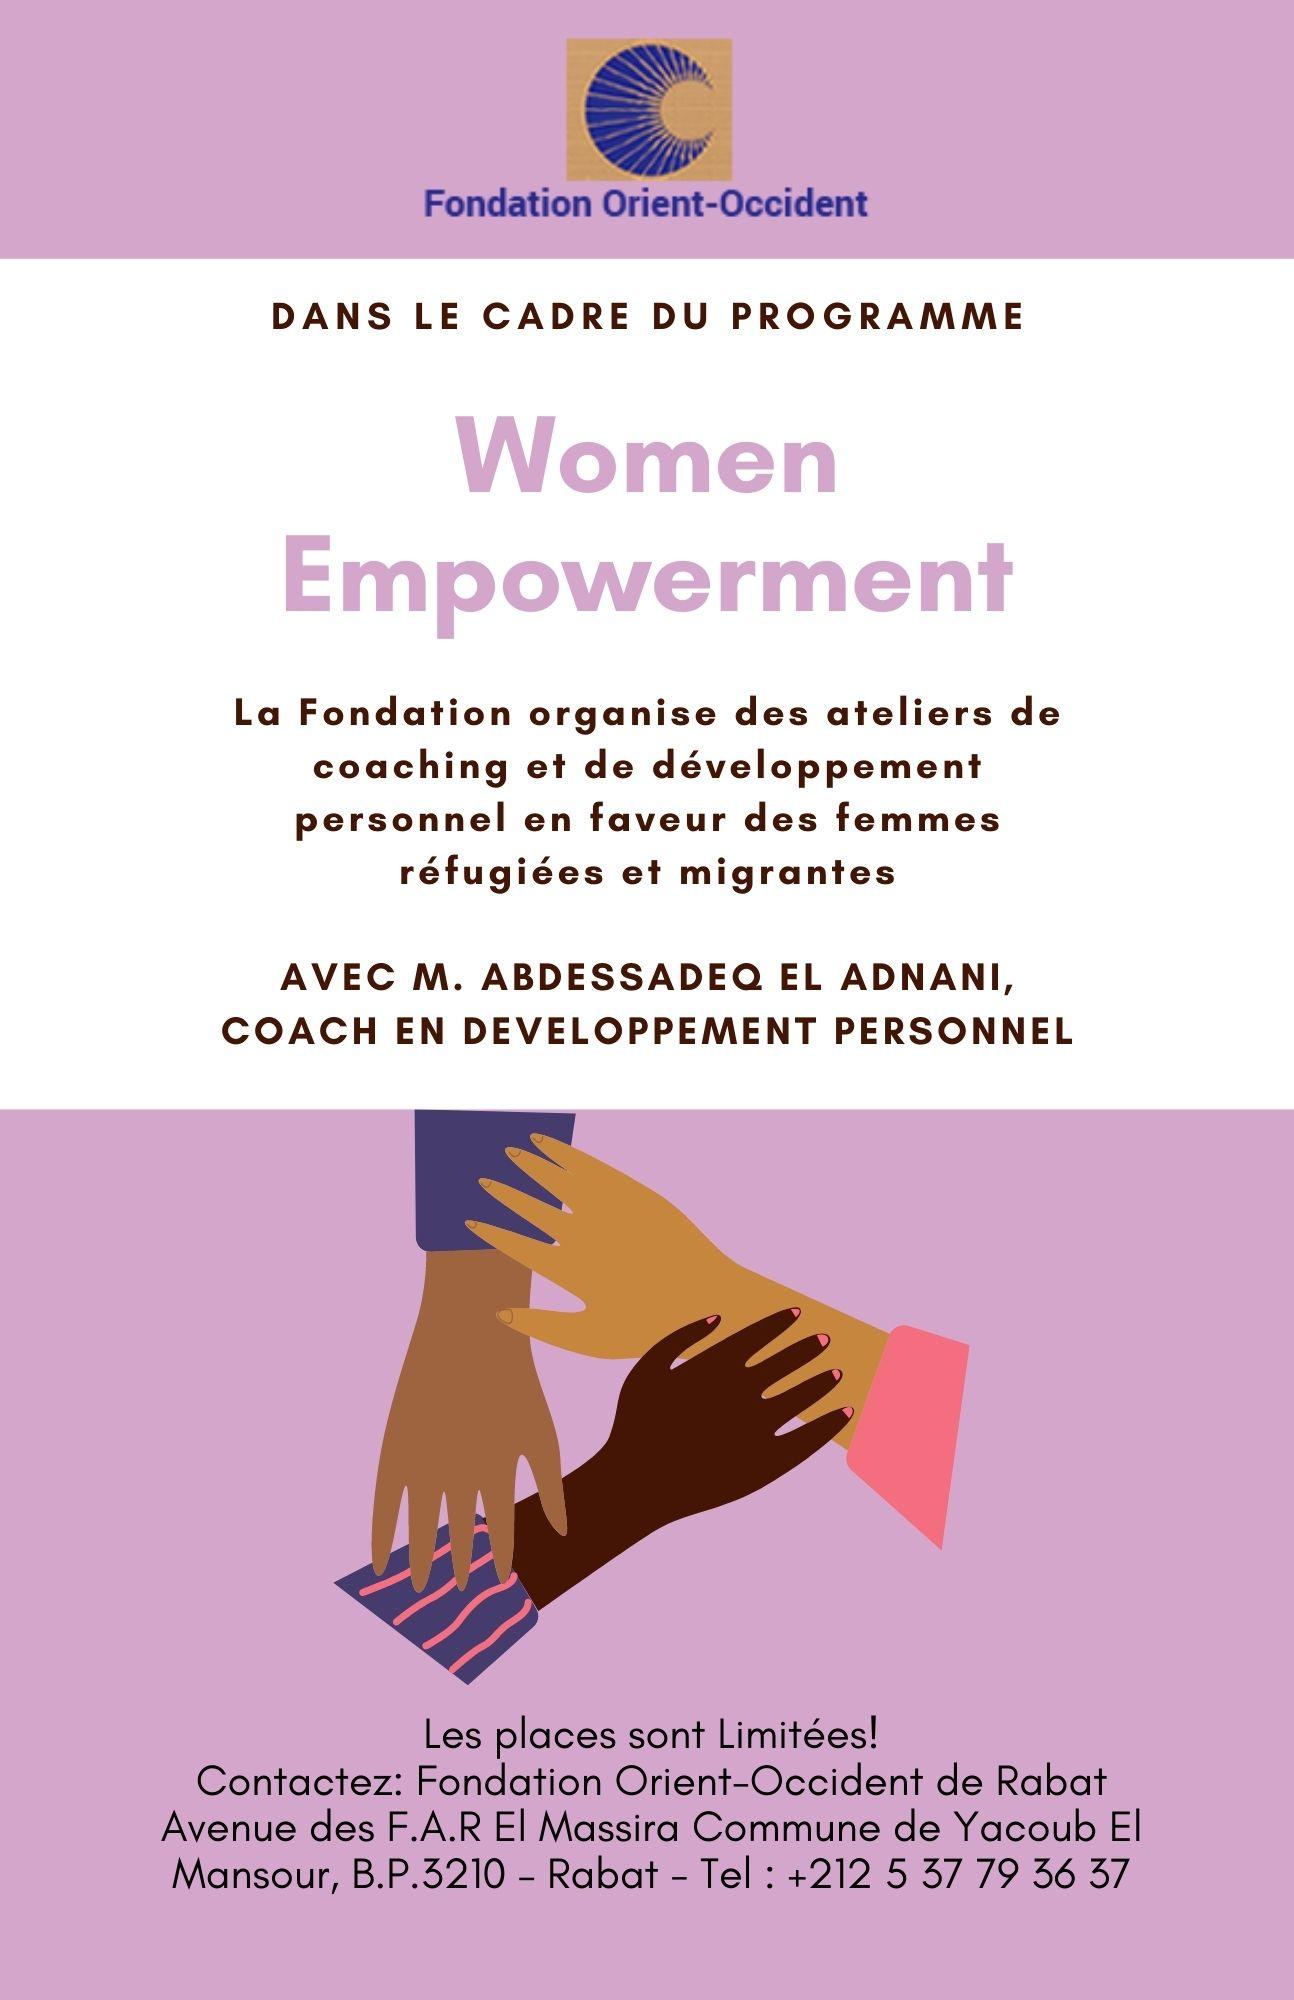 Séances des coaching et de développement personnel en faveur des femmes réfugiées et migrantes – FOO Rabat